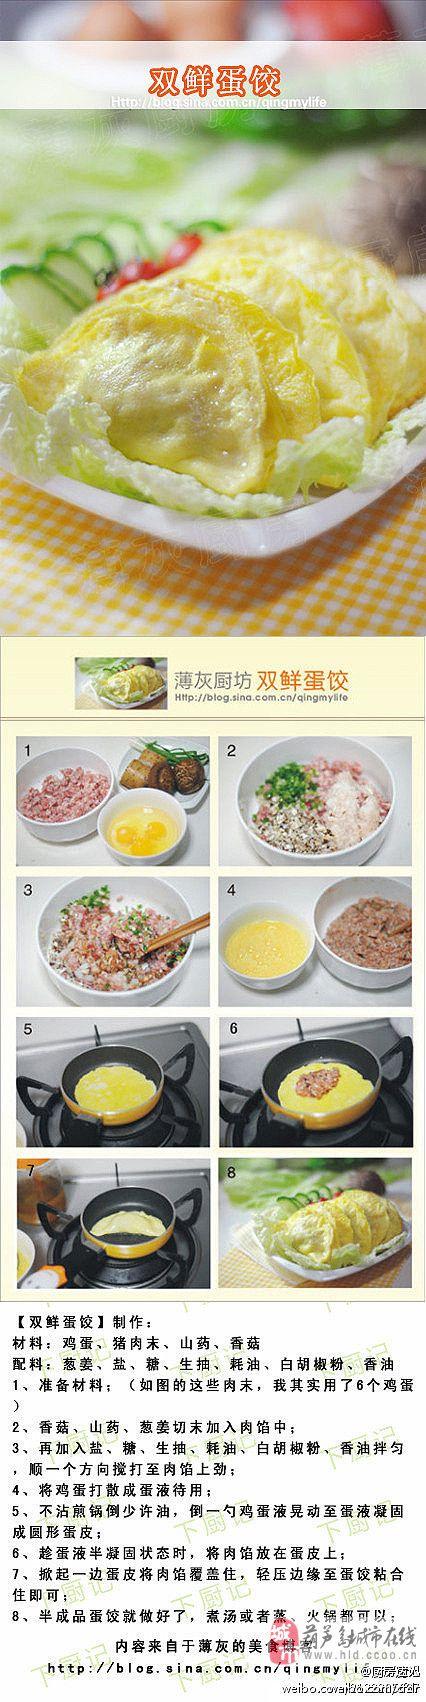 双鲜蛋饺的制作方法